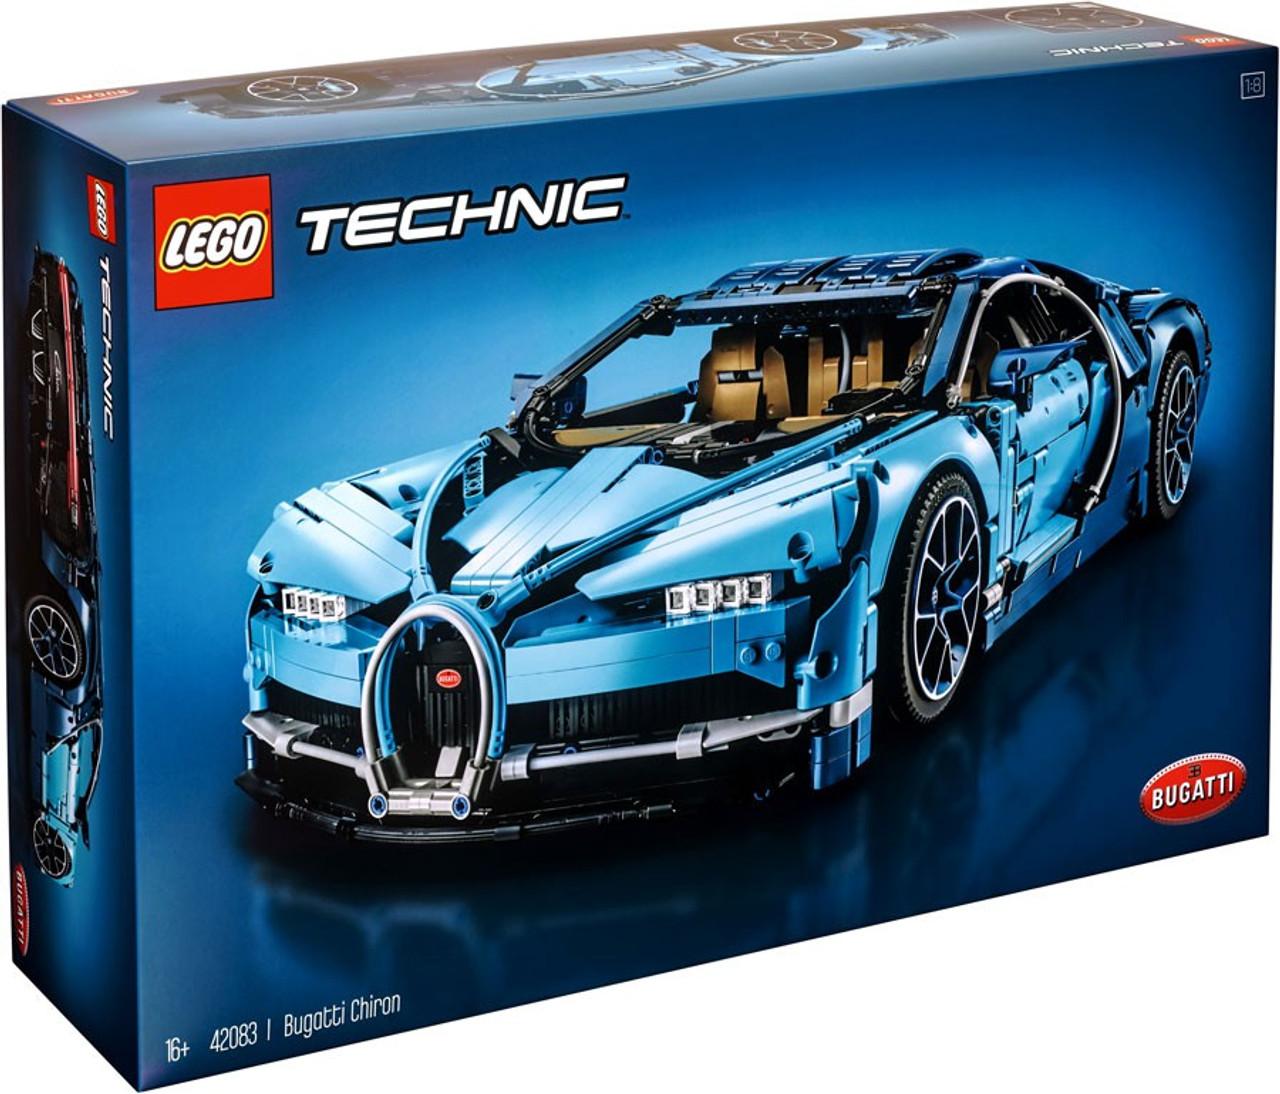 Lego Technic Sticker for set 42083 Bugatti Chiron Autocollant Car Original New